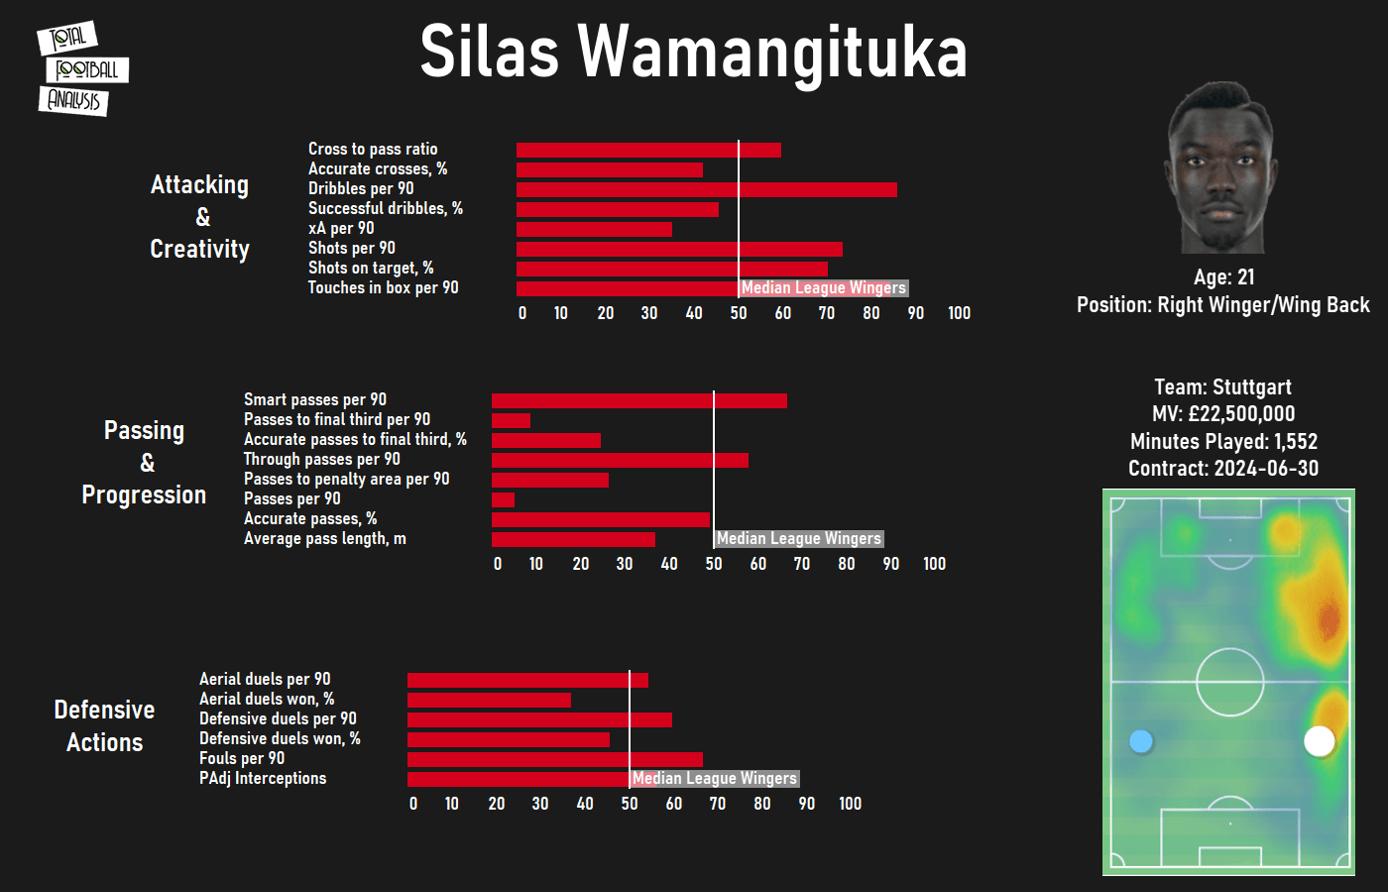 Silas Wamangituka at Stuttgart 2020/21 - scout report tactical analysis tactics